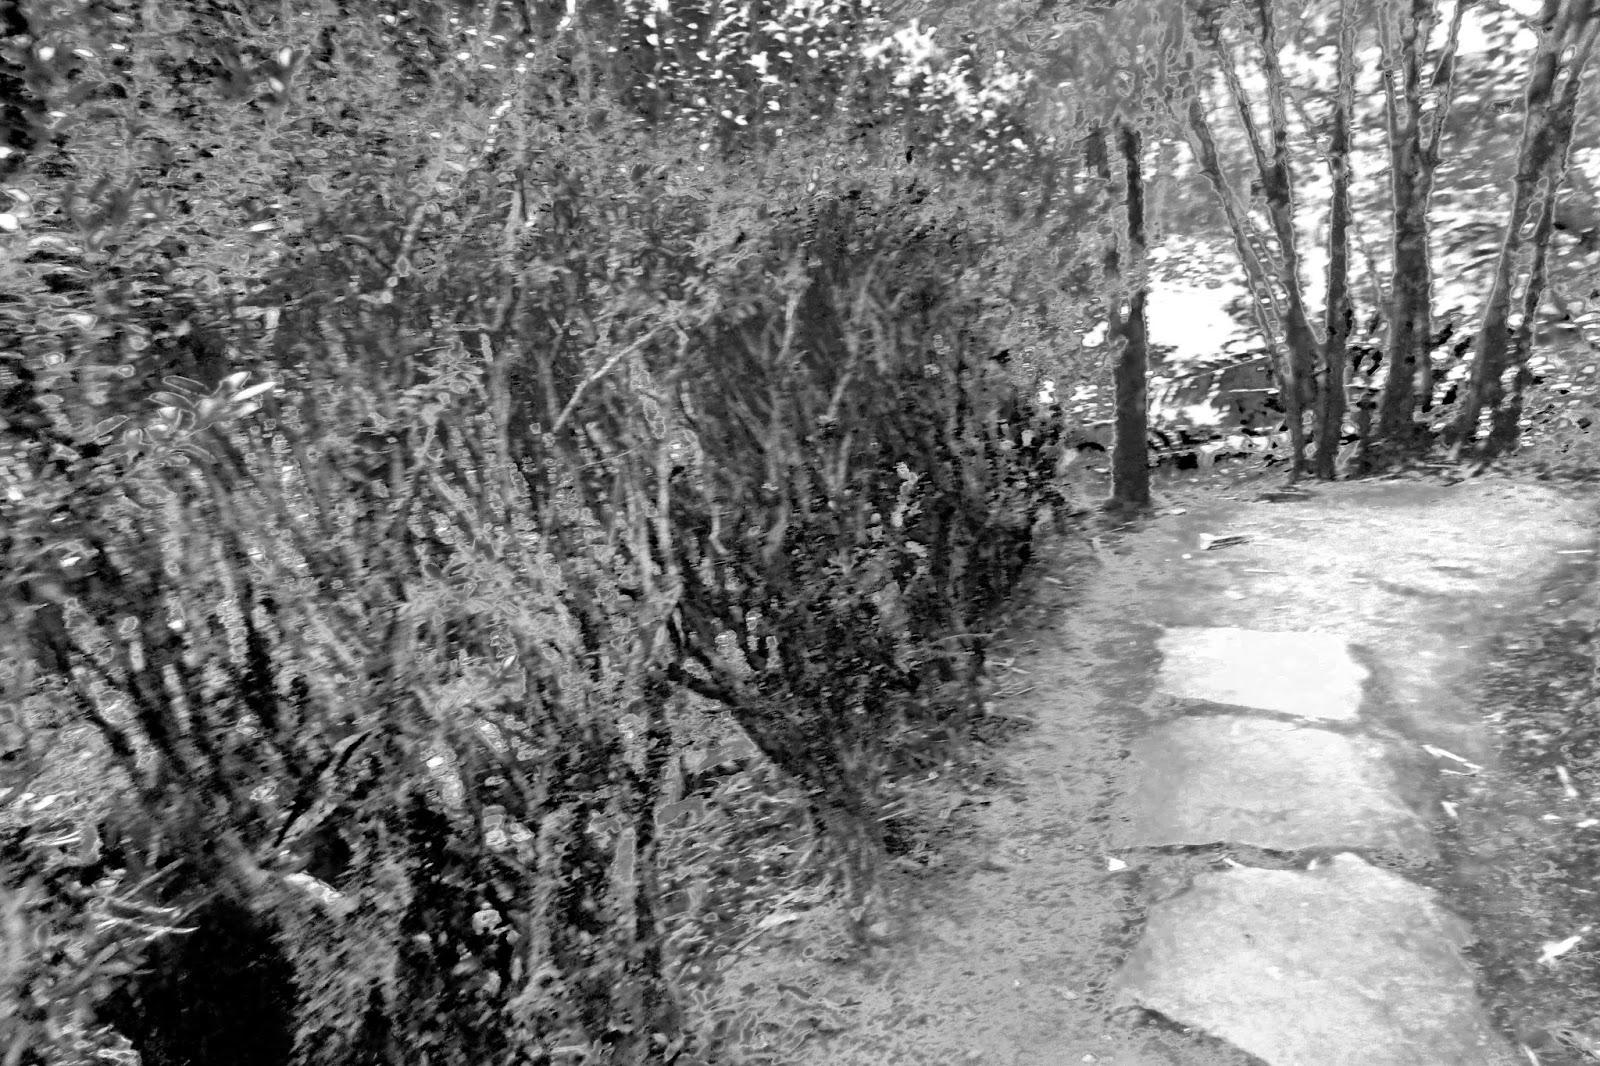 creepy walkway